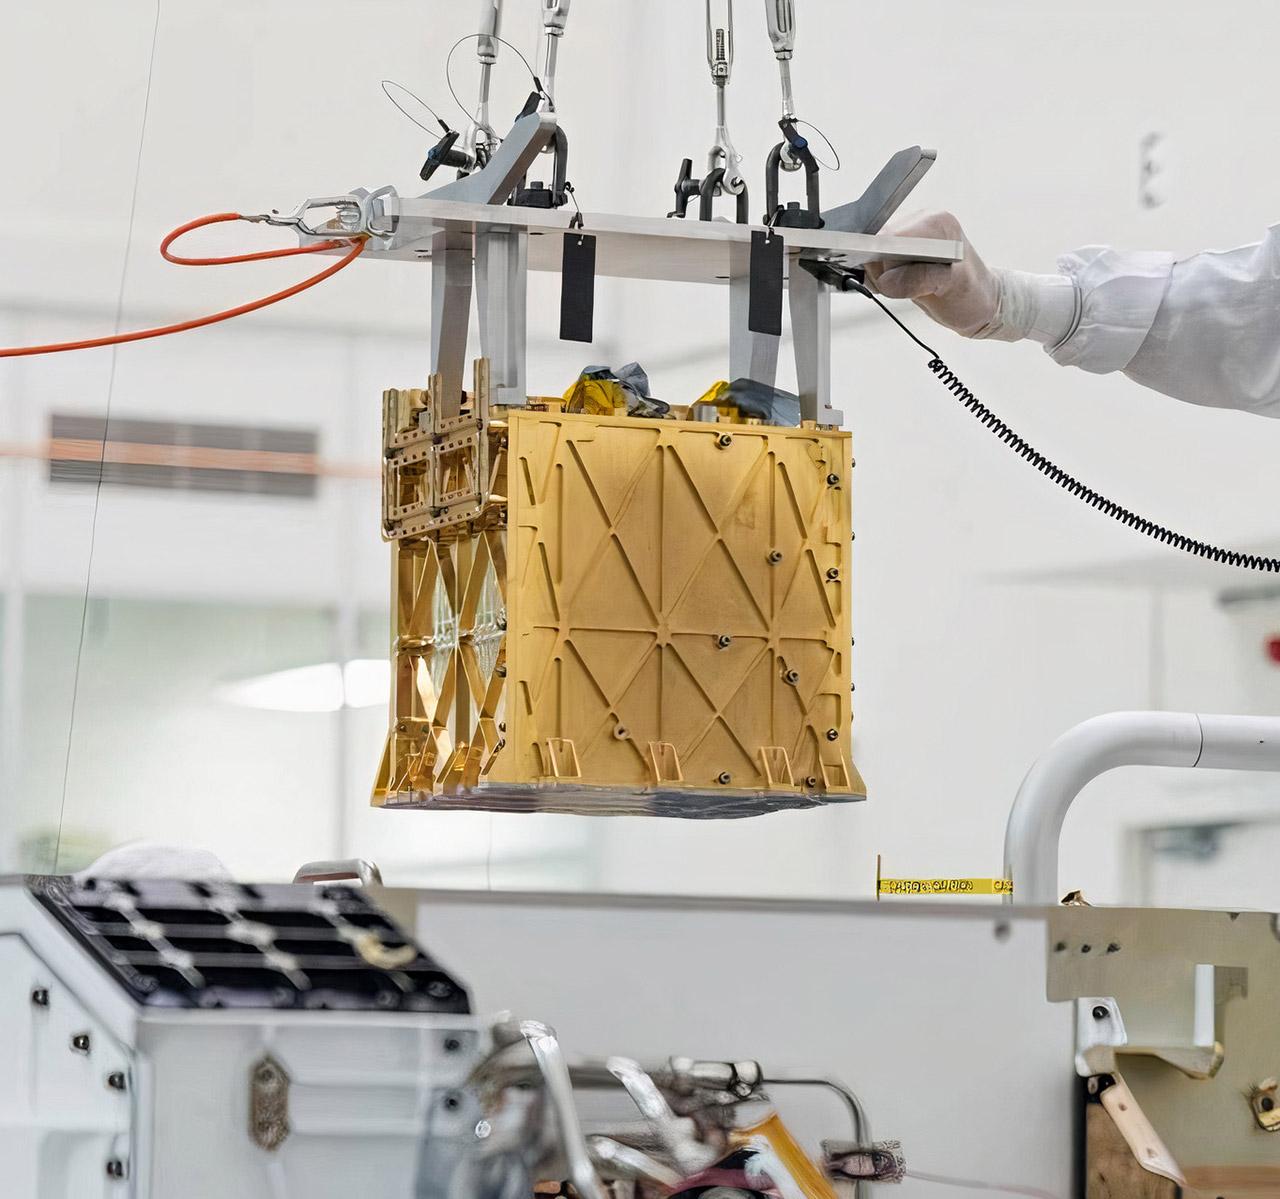 NASA Perseverance Mars Rover MOXIE Oxygen